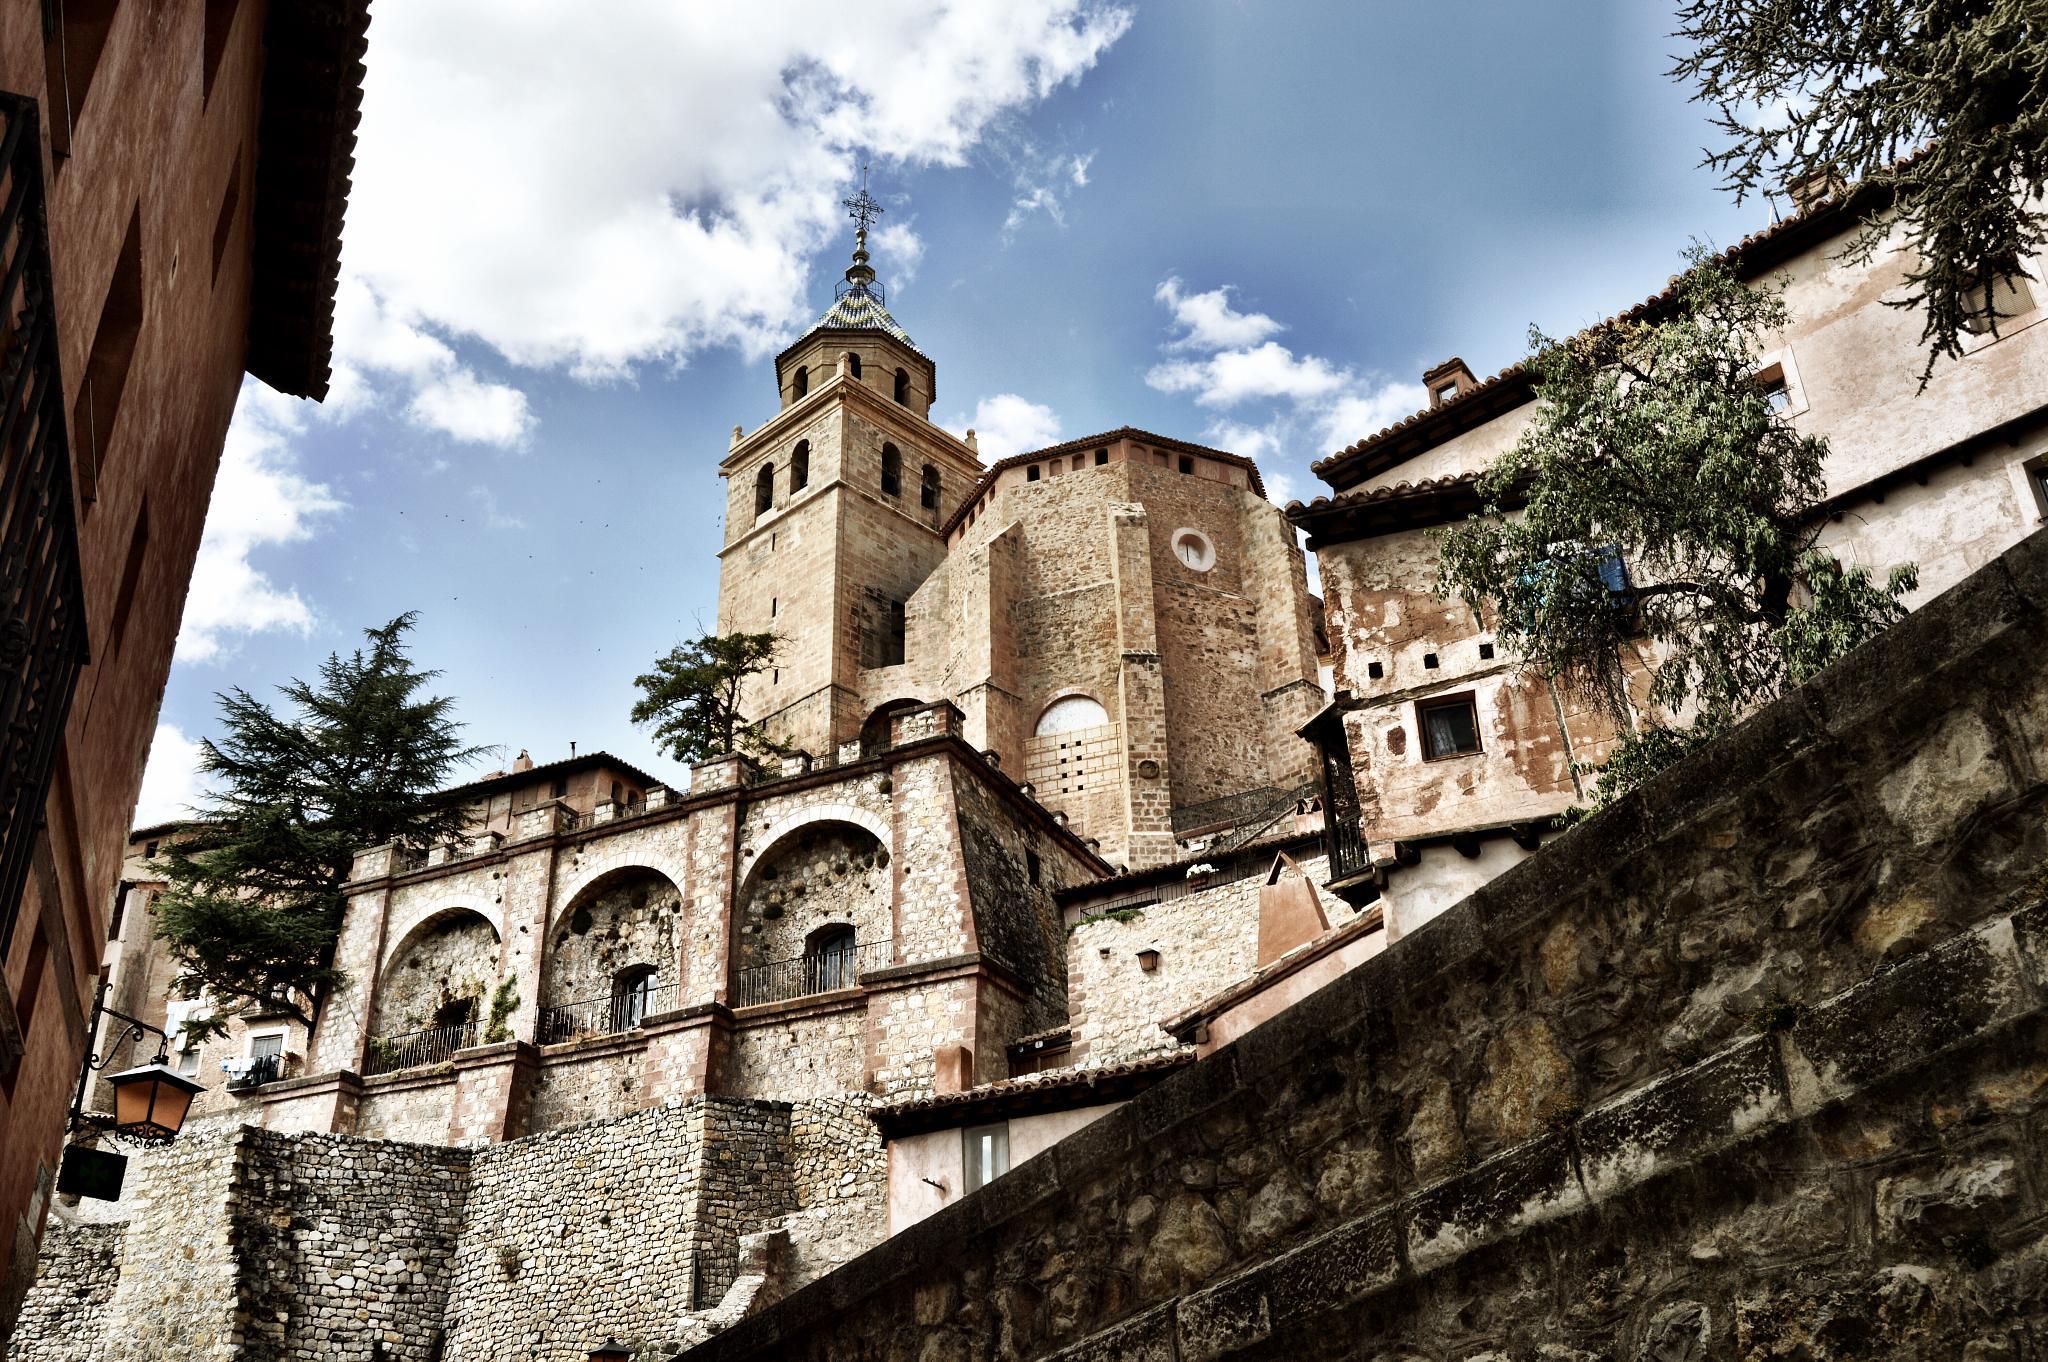 Vista de la Catedral de Albarracin (Albarracin - Spain) by Angel Alicarte Lopez